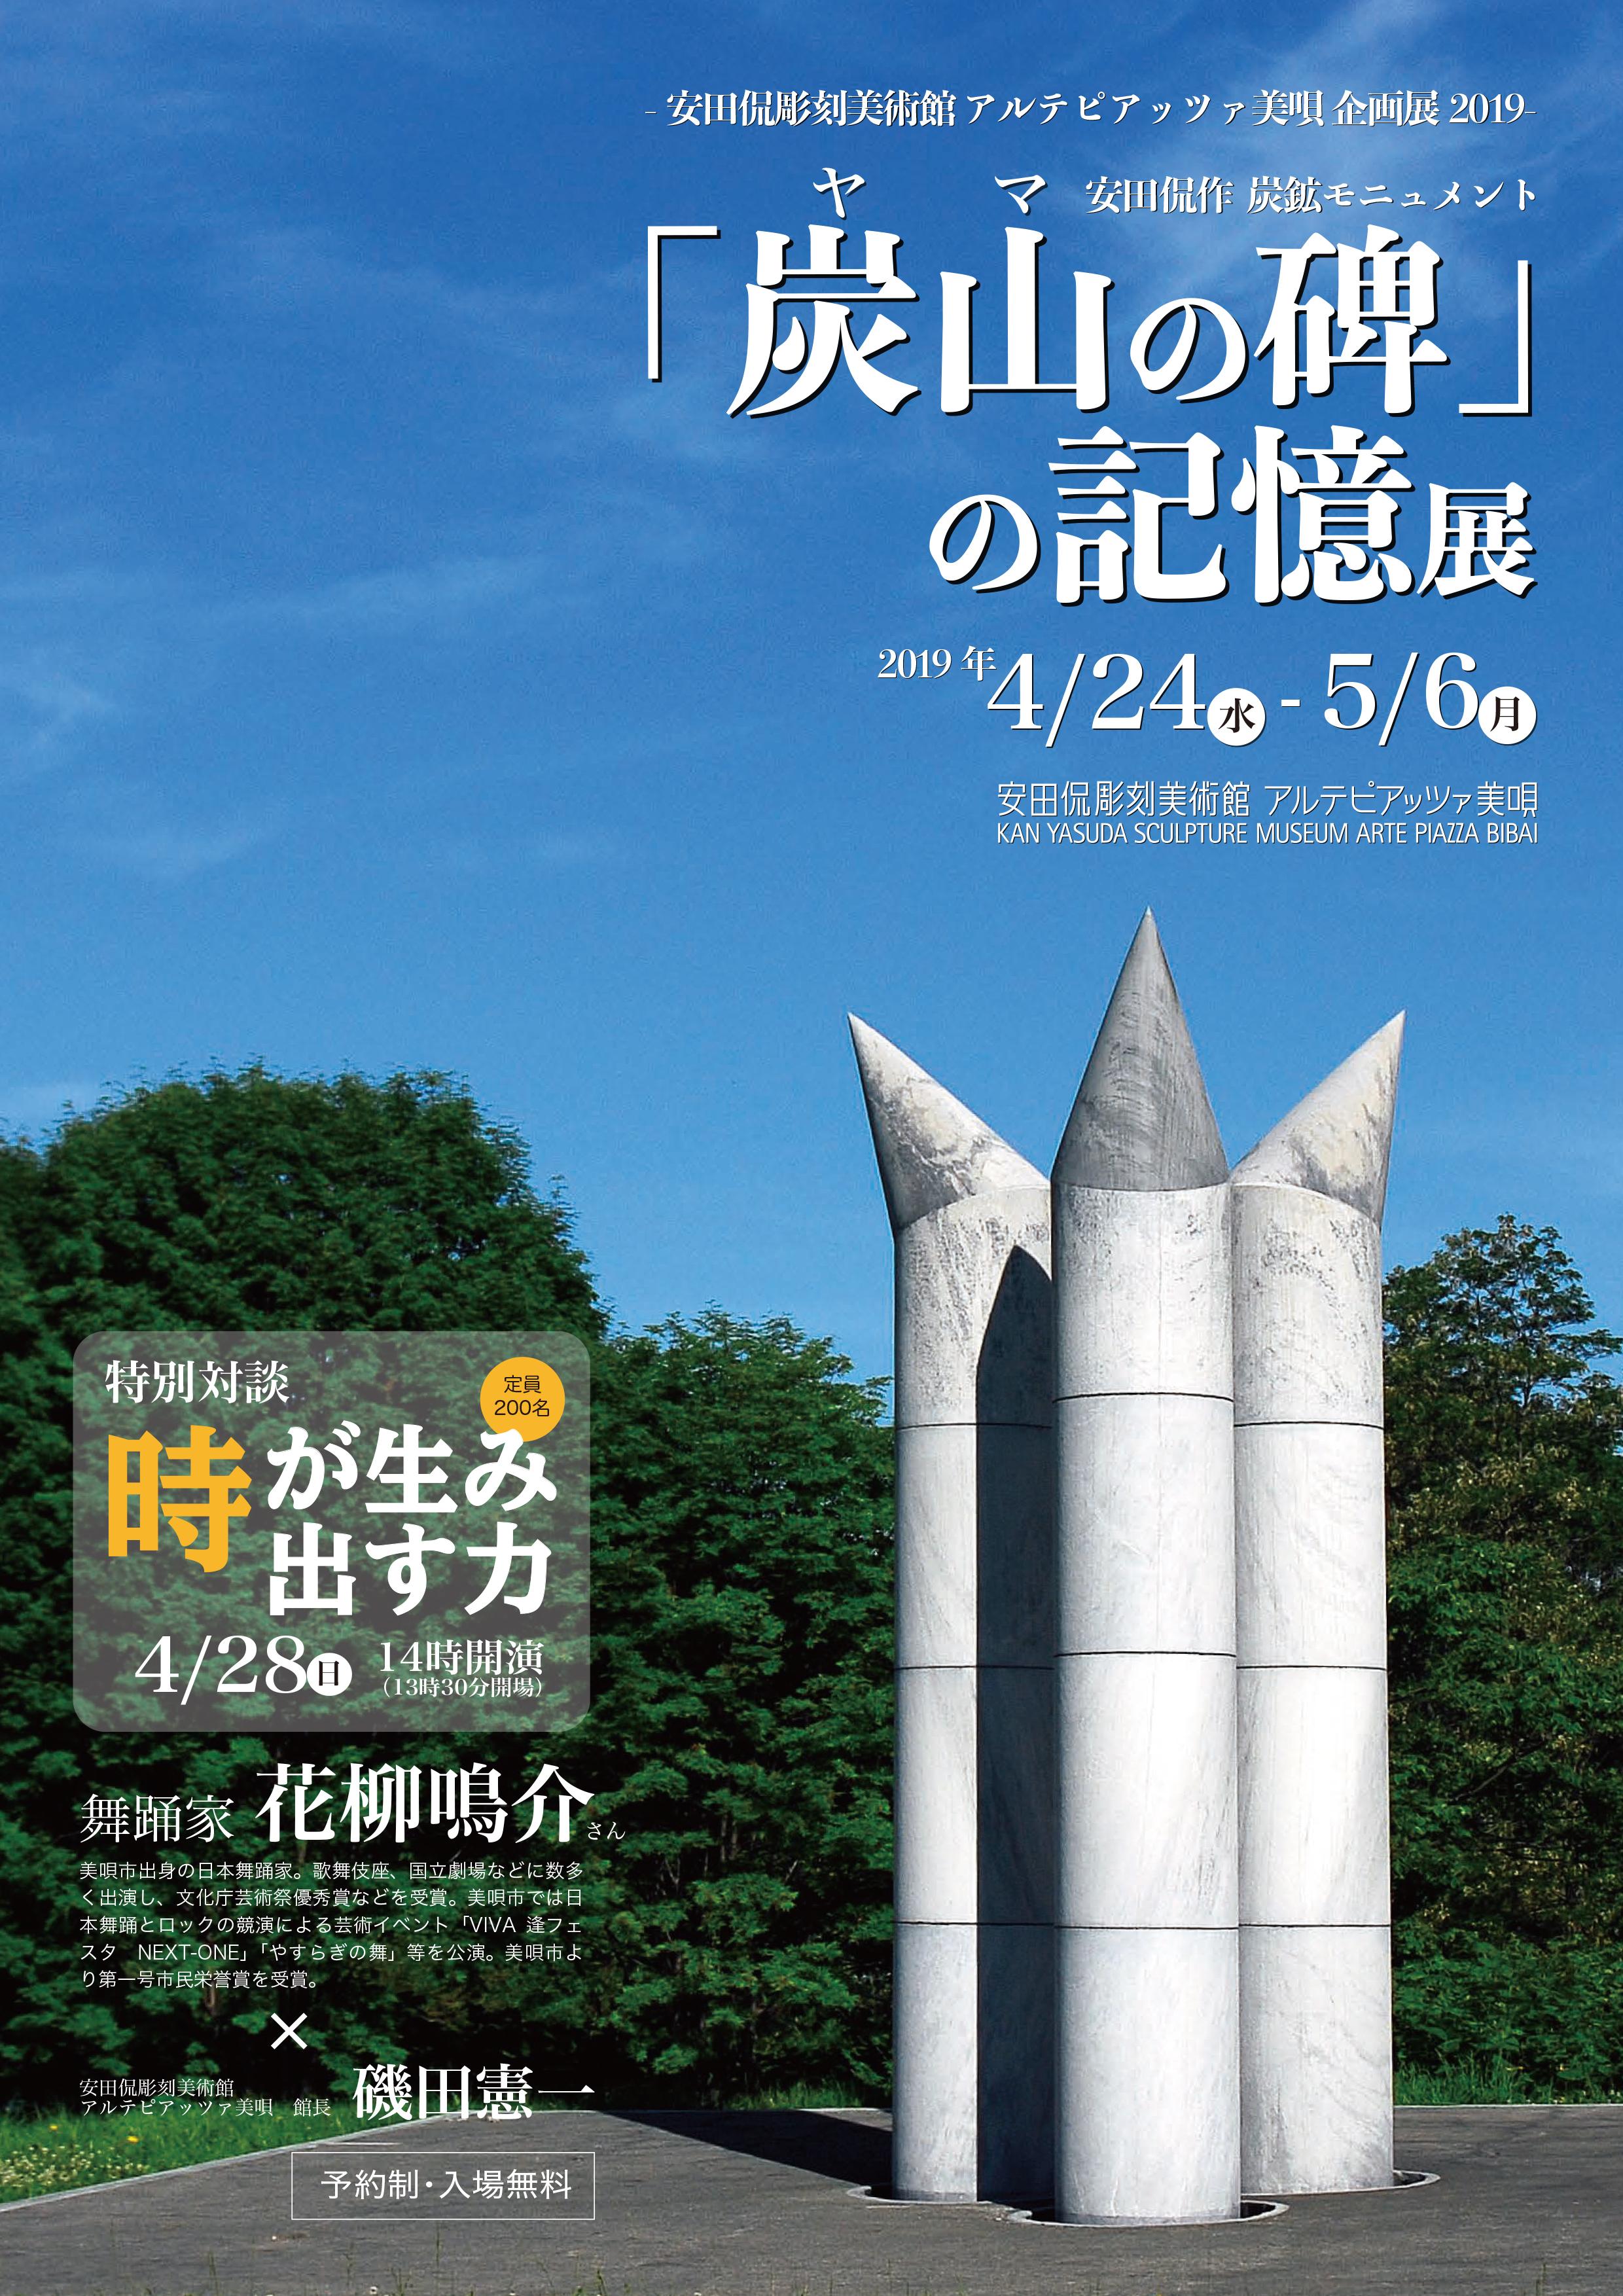 安田侃彫刻美術館 アルテピアッツァ美唄 企画展2019「『炭山の碑』の記憶展」